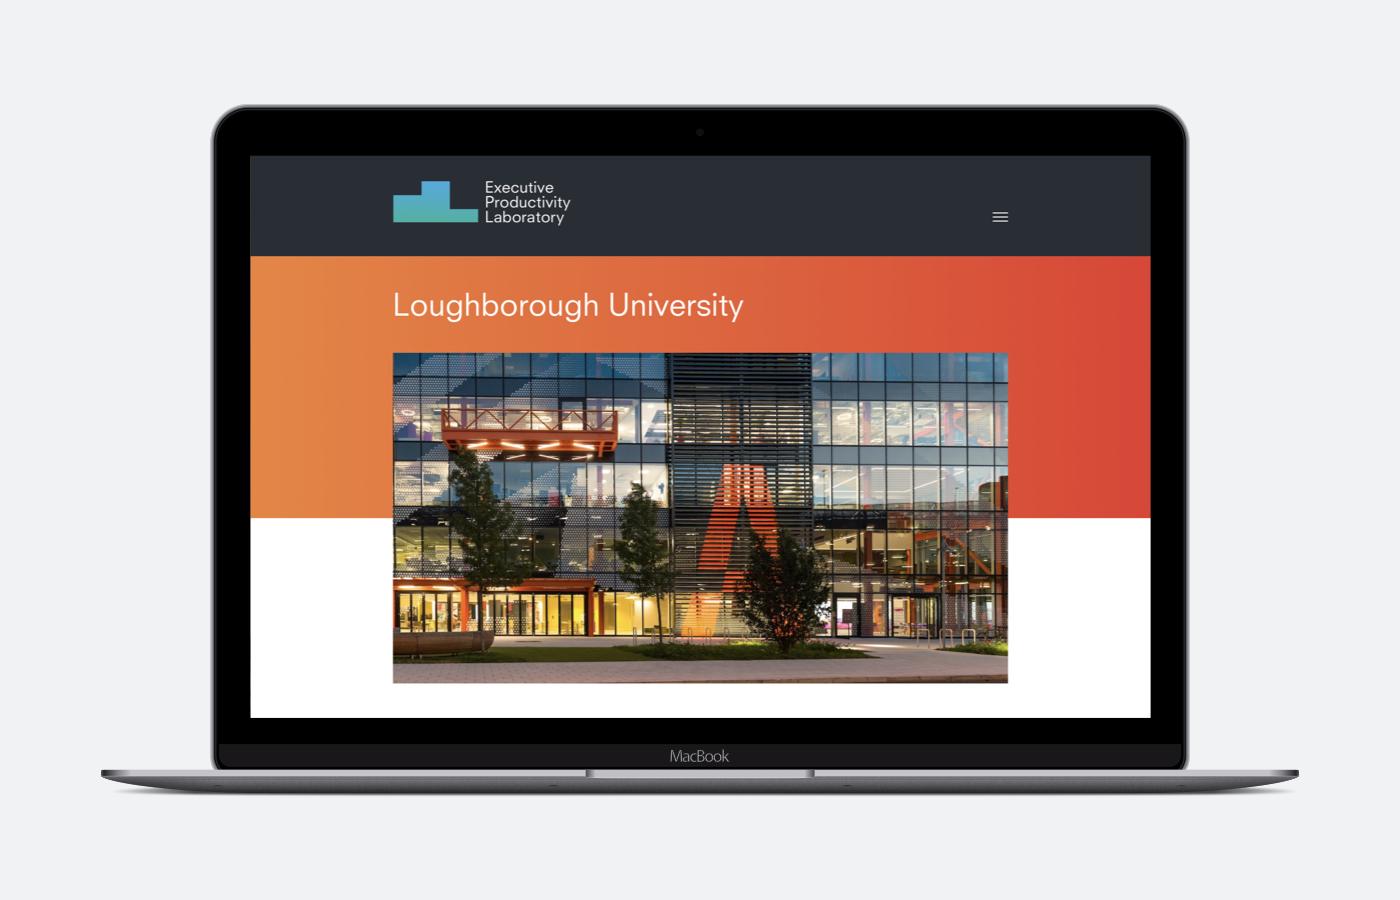 EPL website goes live